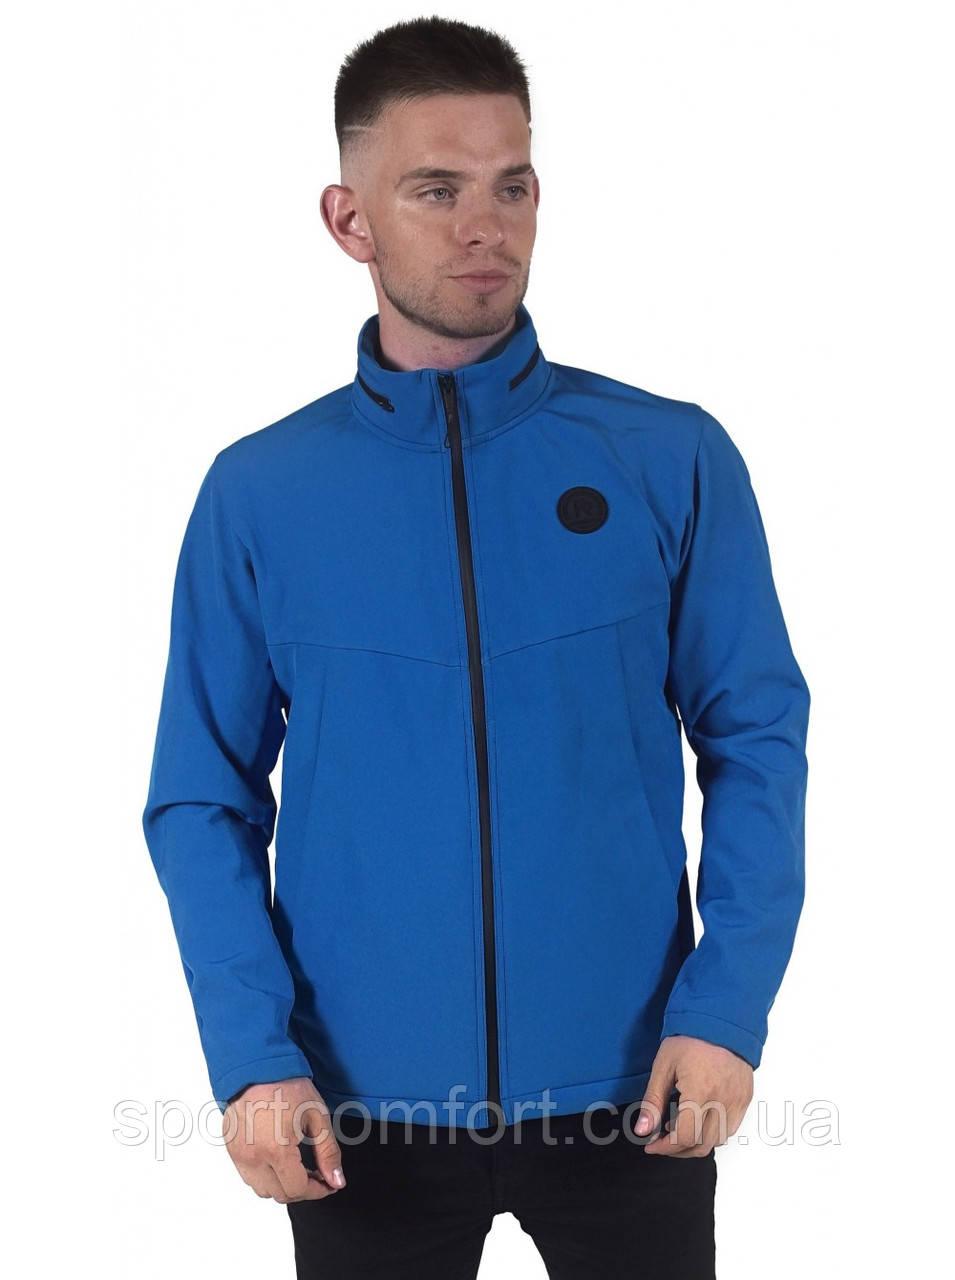 Мужская куртка WINDSTOPPER Freever